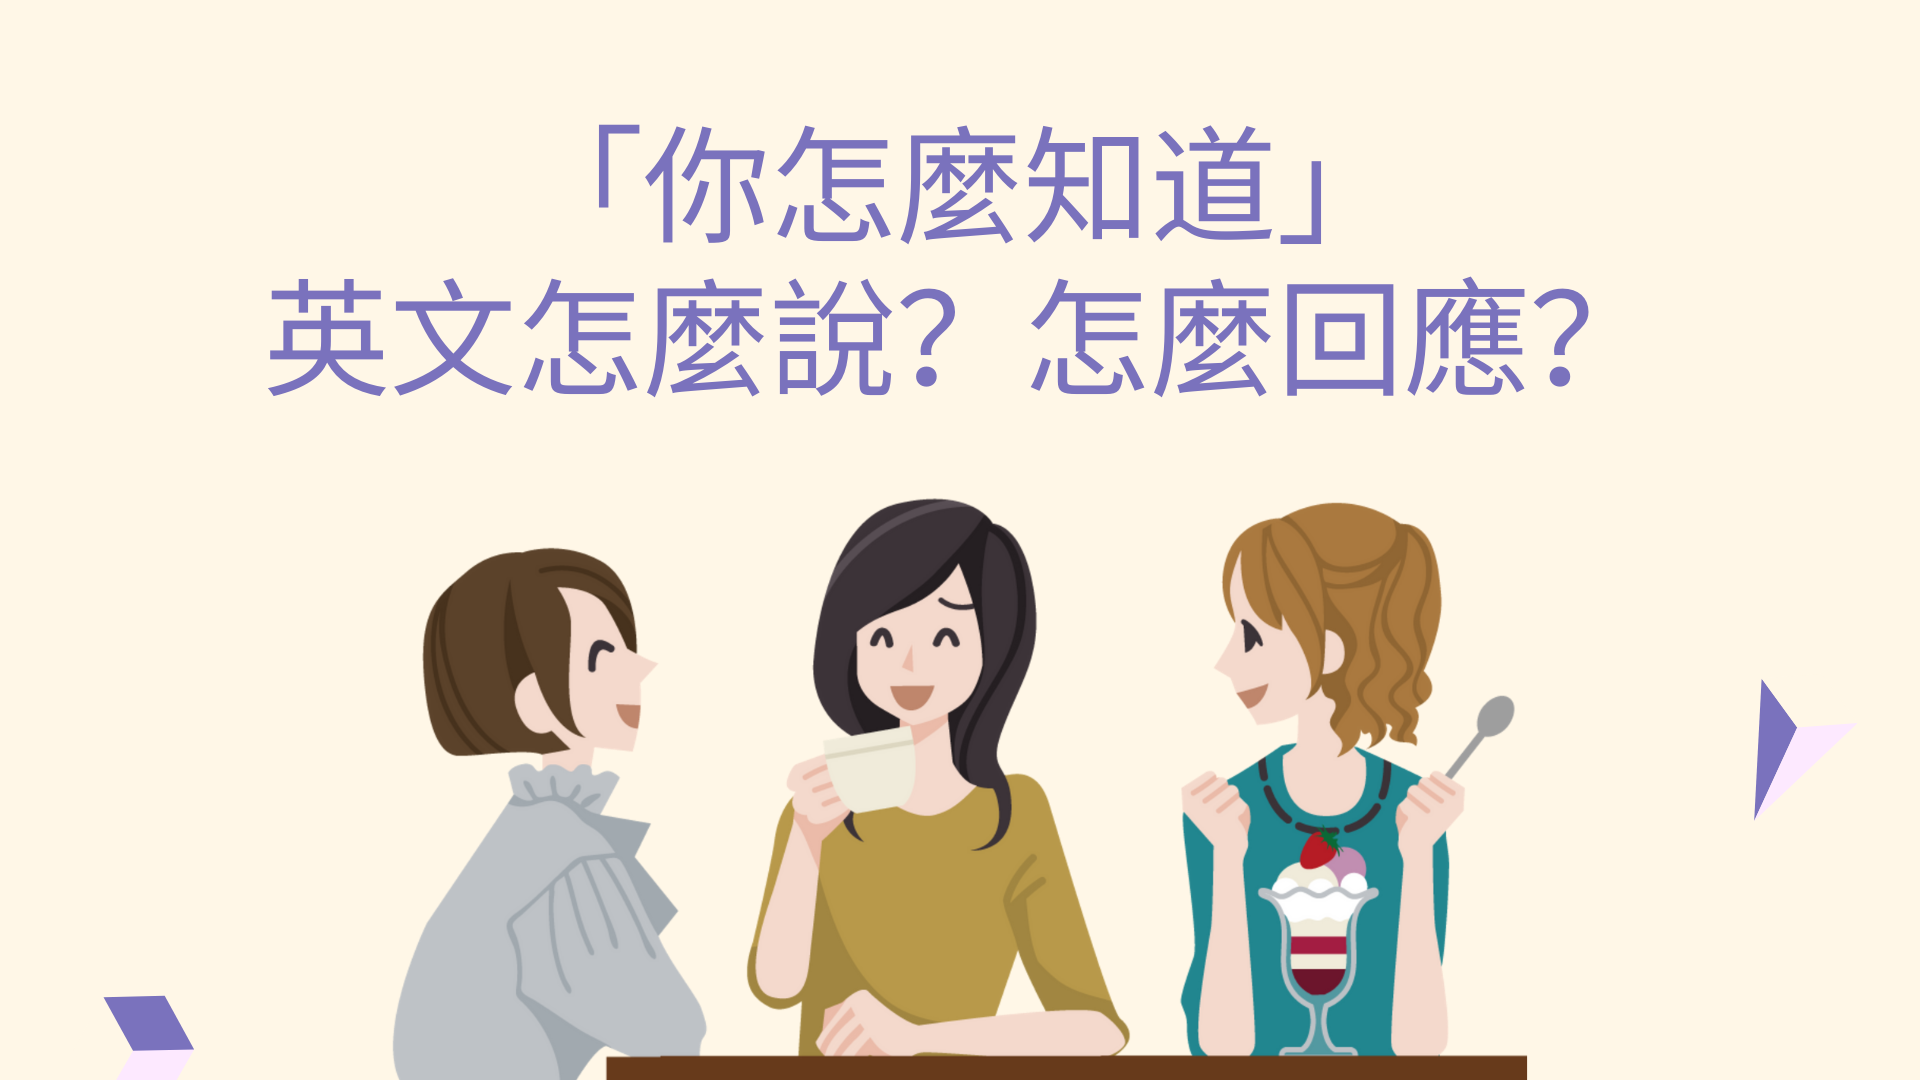 「你怎麼知道」英文怎麼說?怎麼回應?